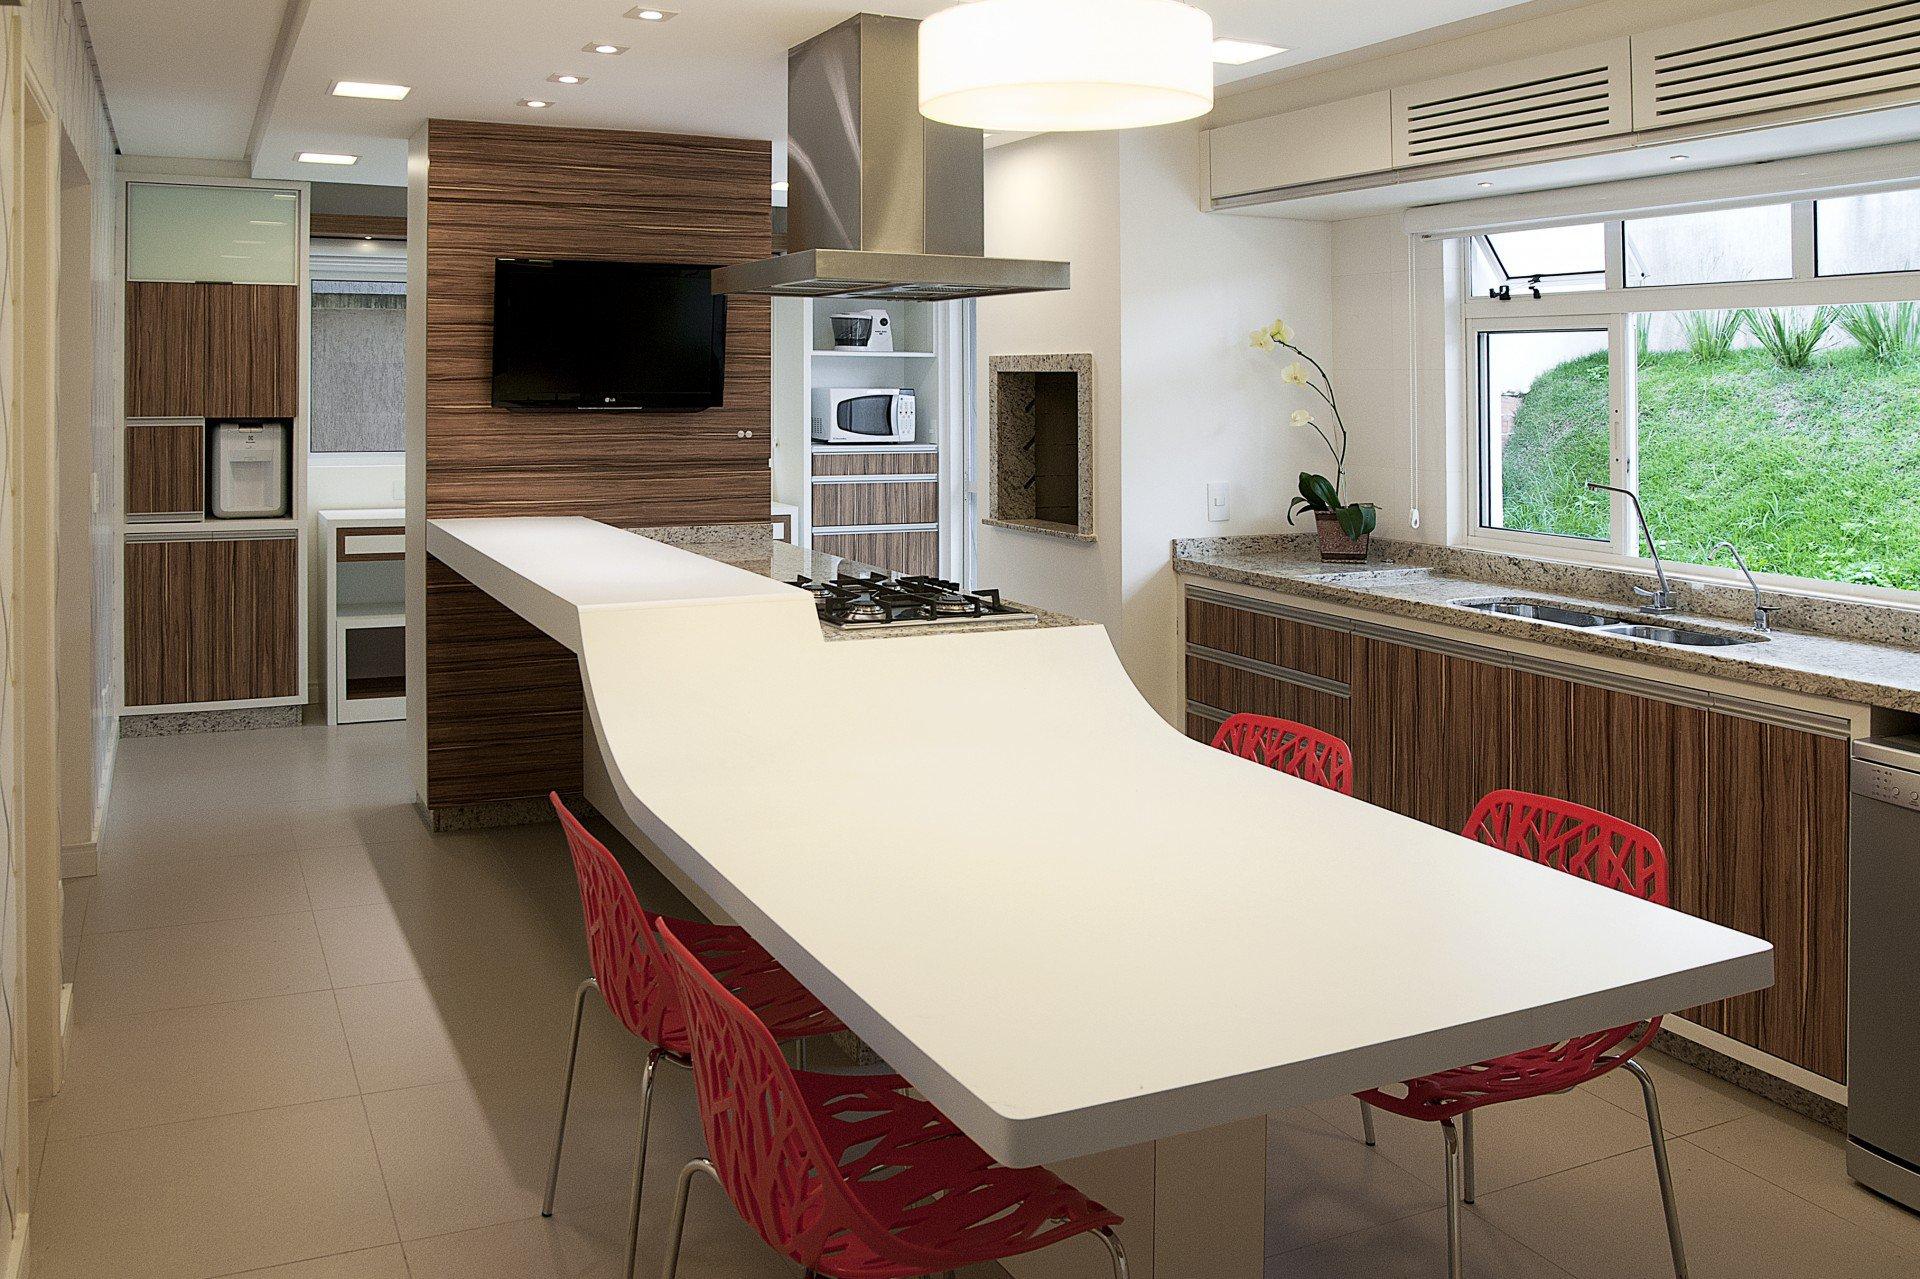 de uma cozinha Bancada que vira mesa é aposta em projeto ousado de #A3282A 1920 1279